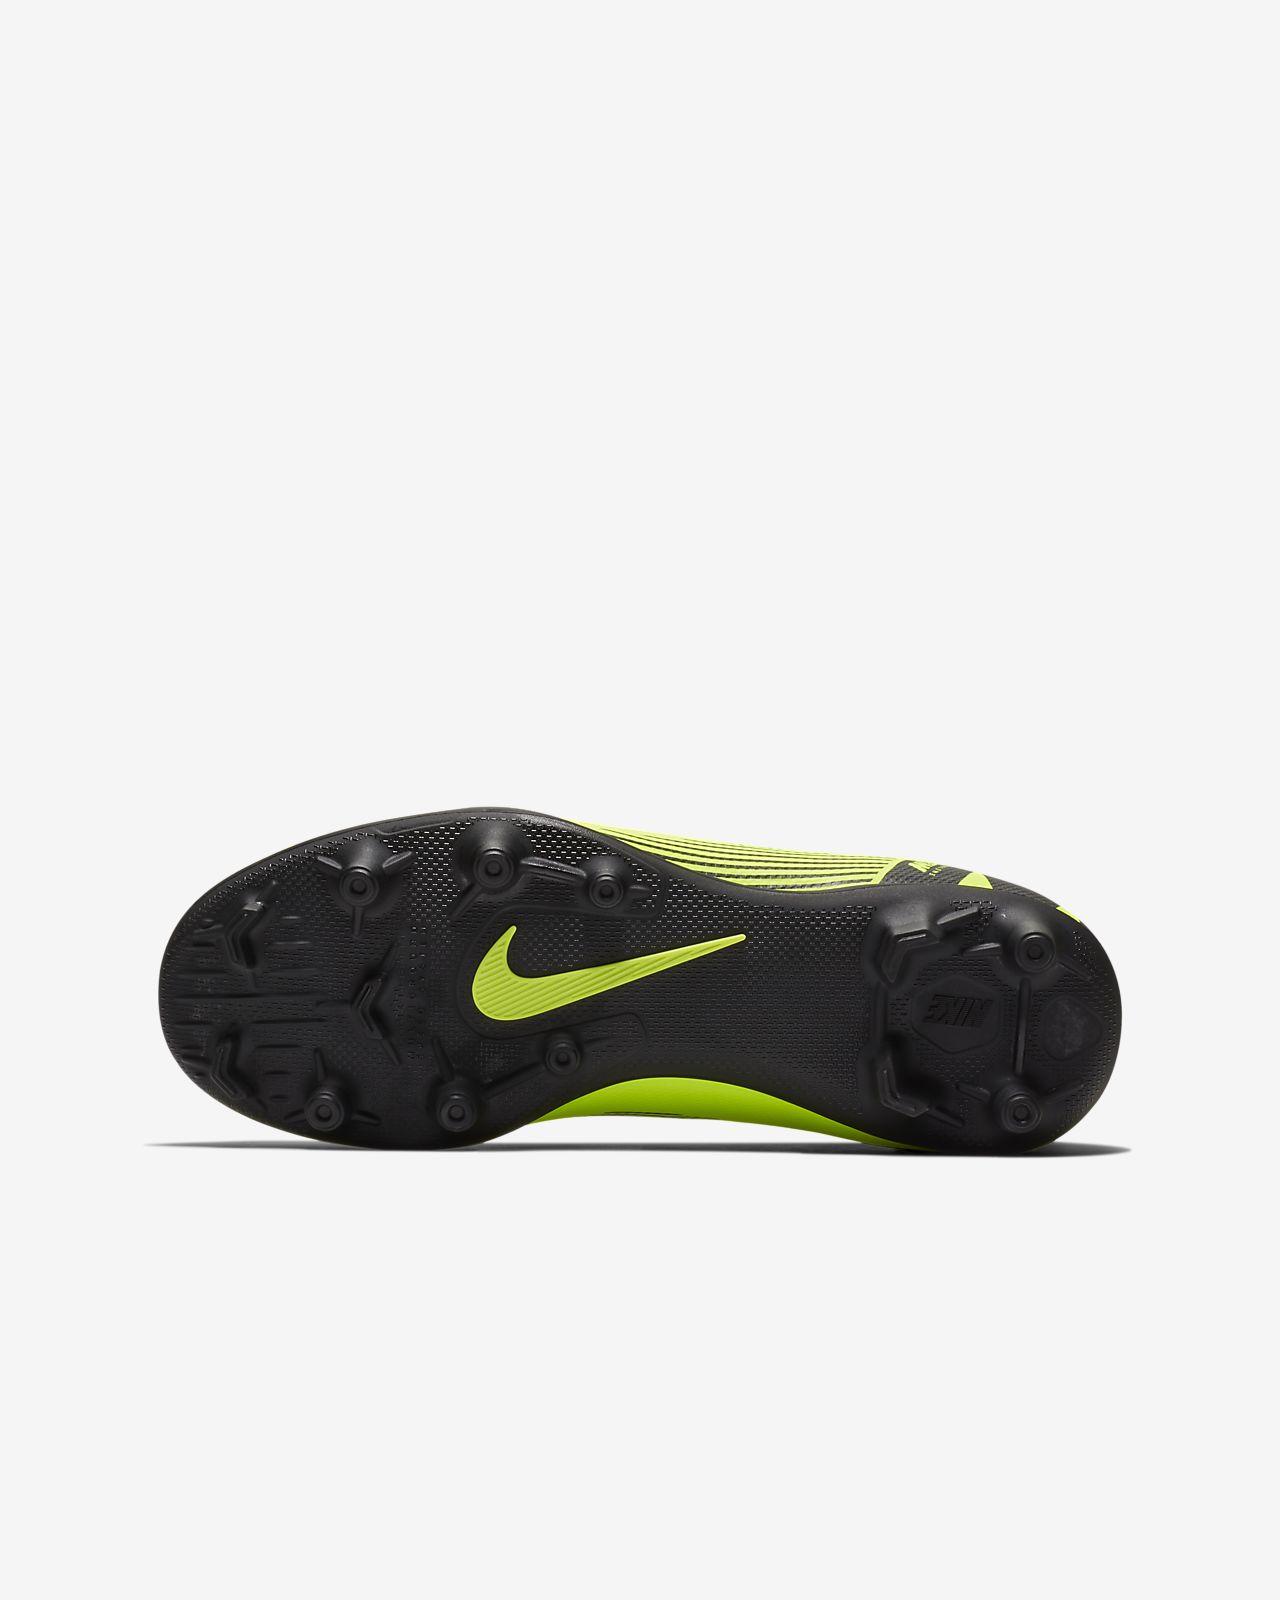 88e5f6d930f0f ... Nike Jr. Mercurial Superfly VI Club Botas de fútbol para múltiples  superficies - Niño